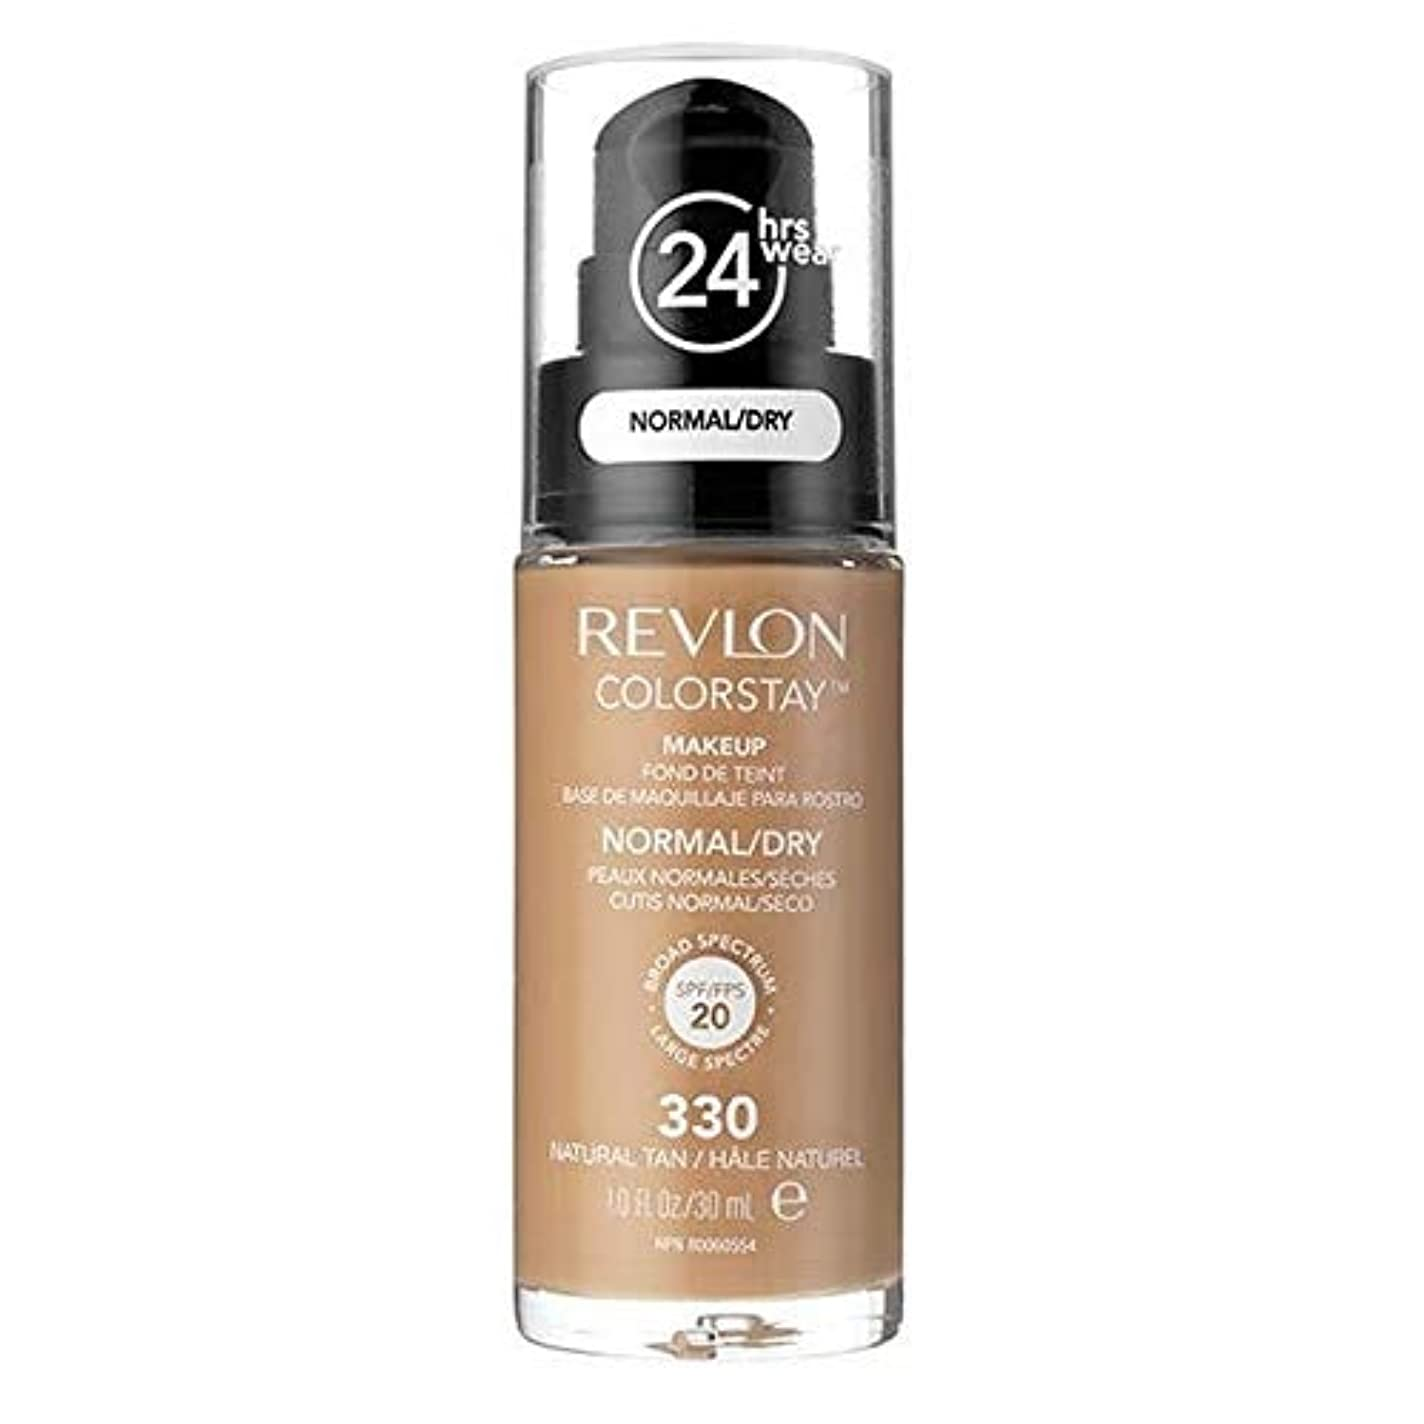 シェトランド諸島カップルテロリスト[Revlon ] レブロンカラーステイ基盤ノルム/ドライNat日焼け30ミリリットル - Revlon Color Stay Foundation Norm/Dry Nat Tan 30ml [並行輸入品]